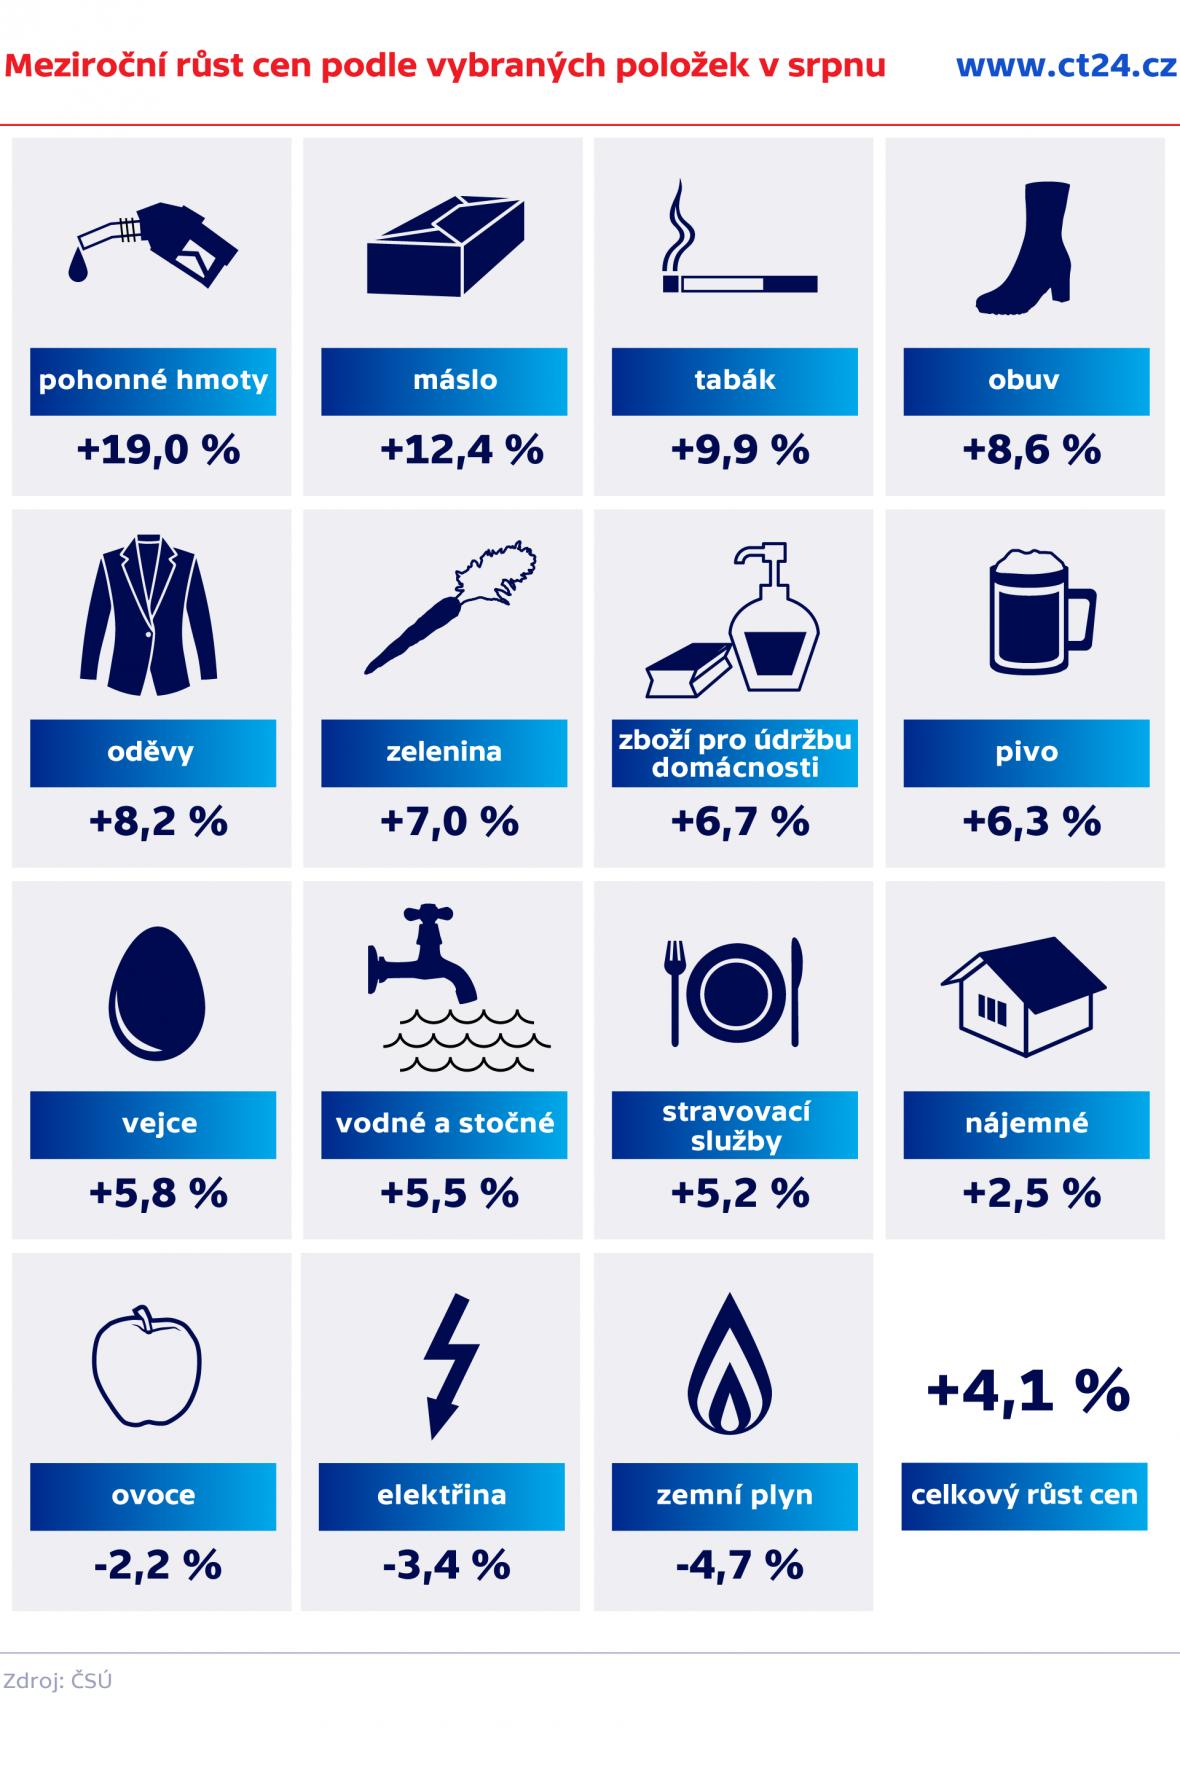 Meziroční růst cen podle vybraných položek v srpnu